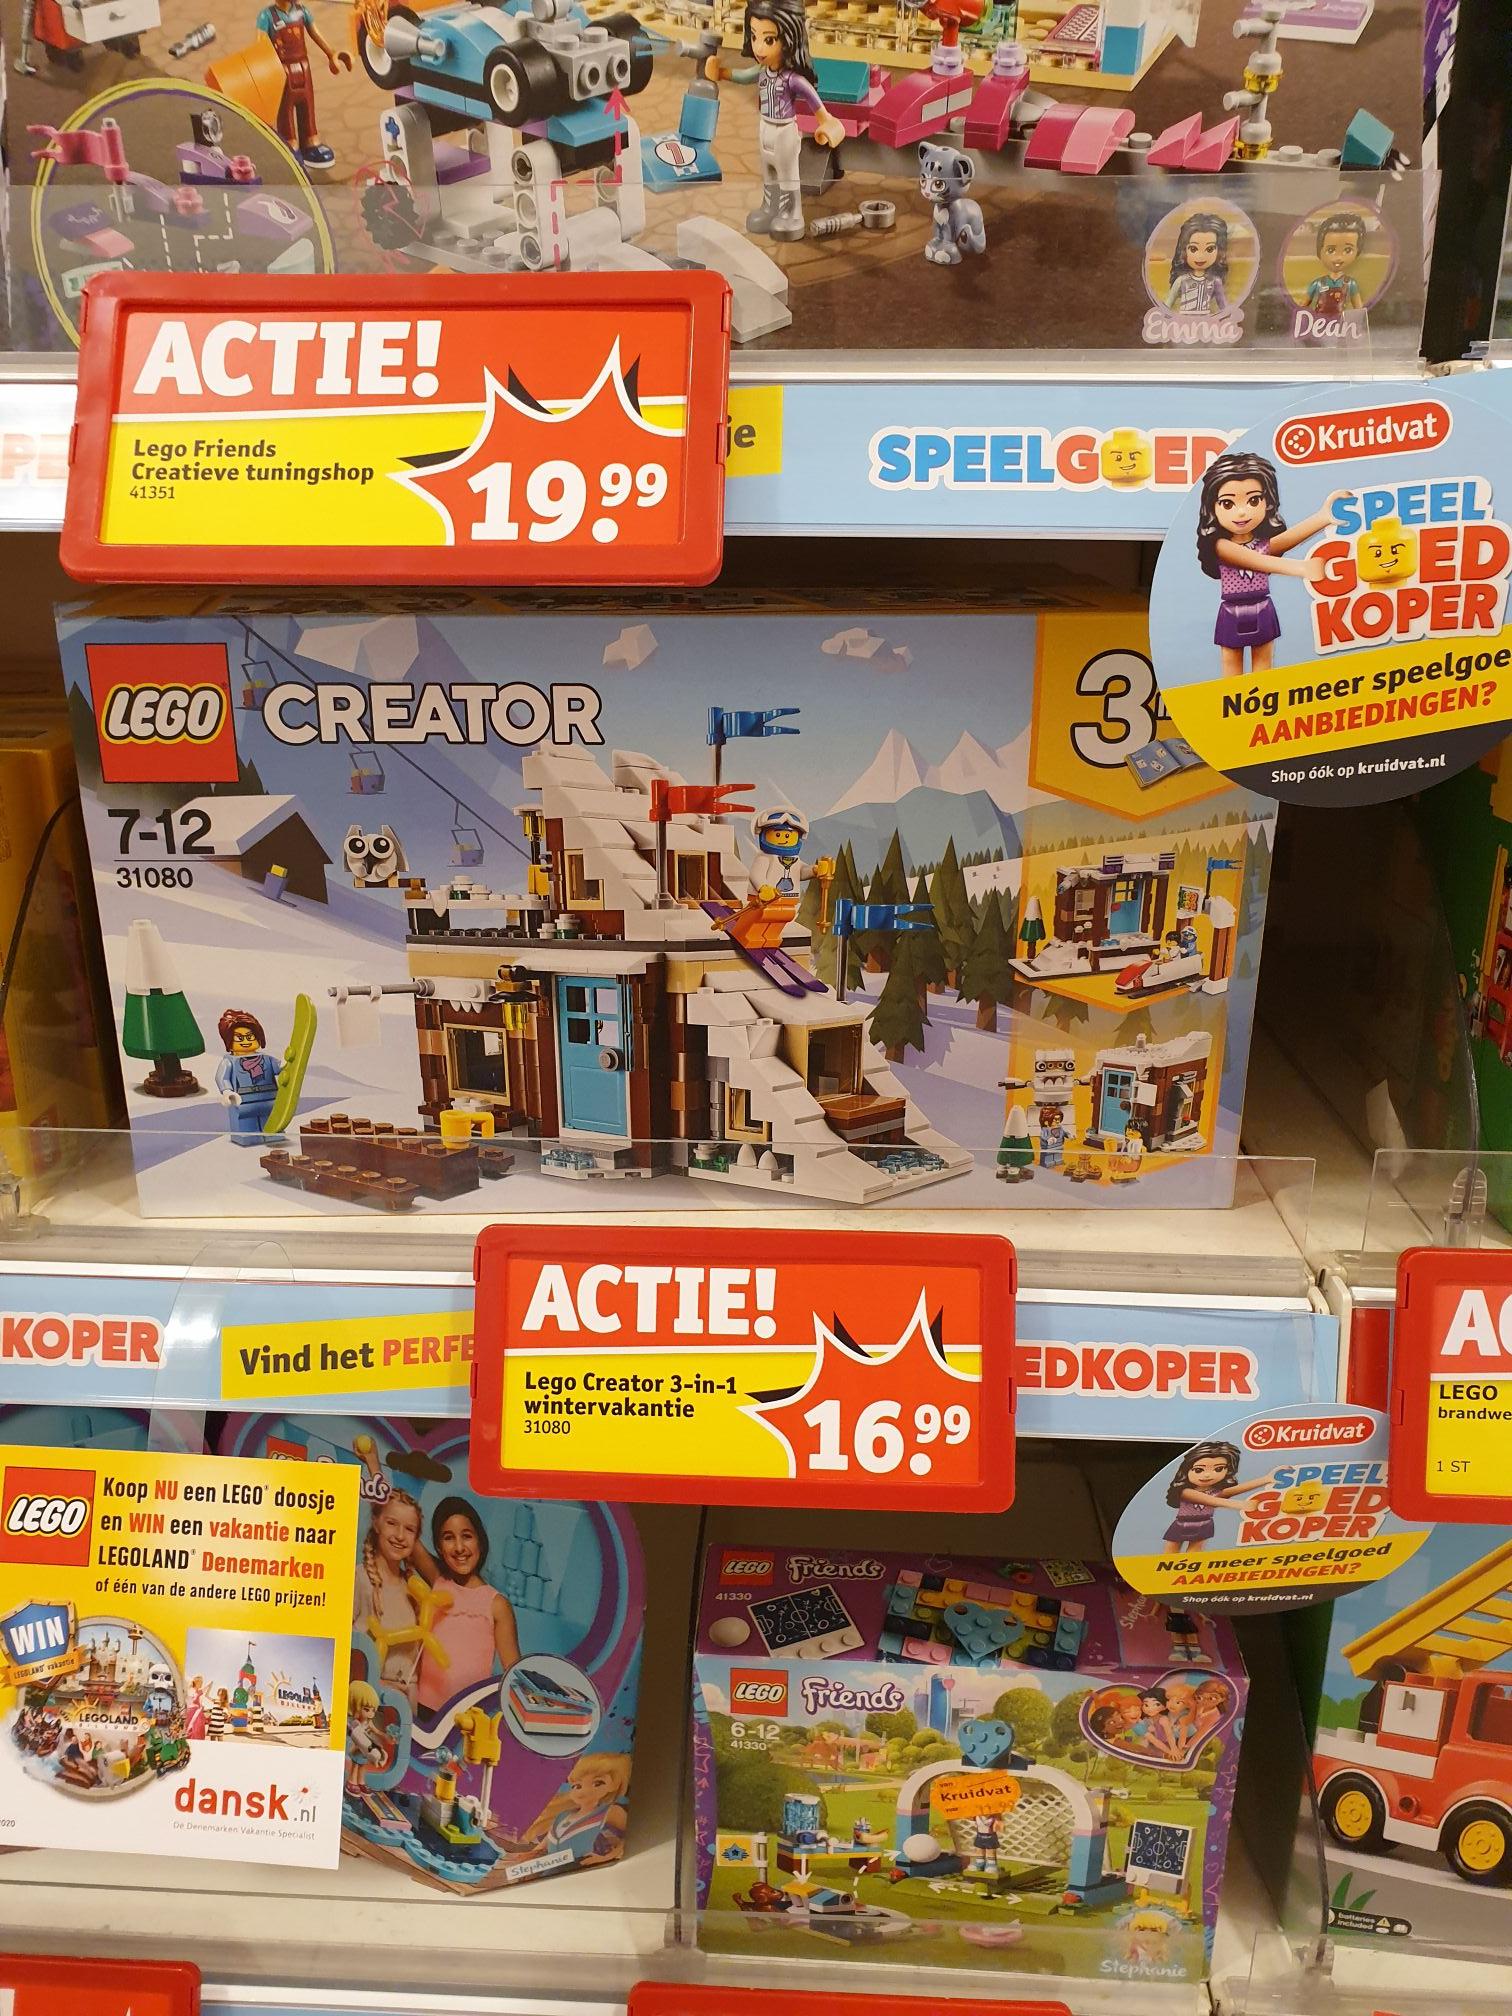 Laagste prijs ooit Kruidvat: LEGO CREATOR 31080 MODULAIRE WINTERVAKANTIE